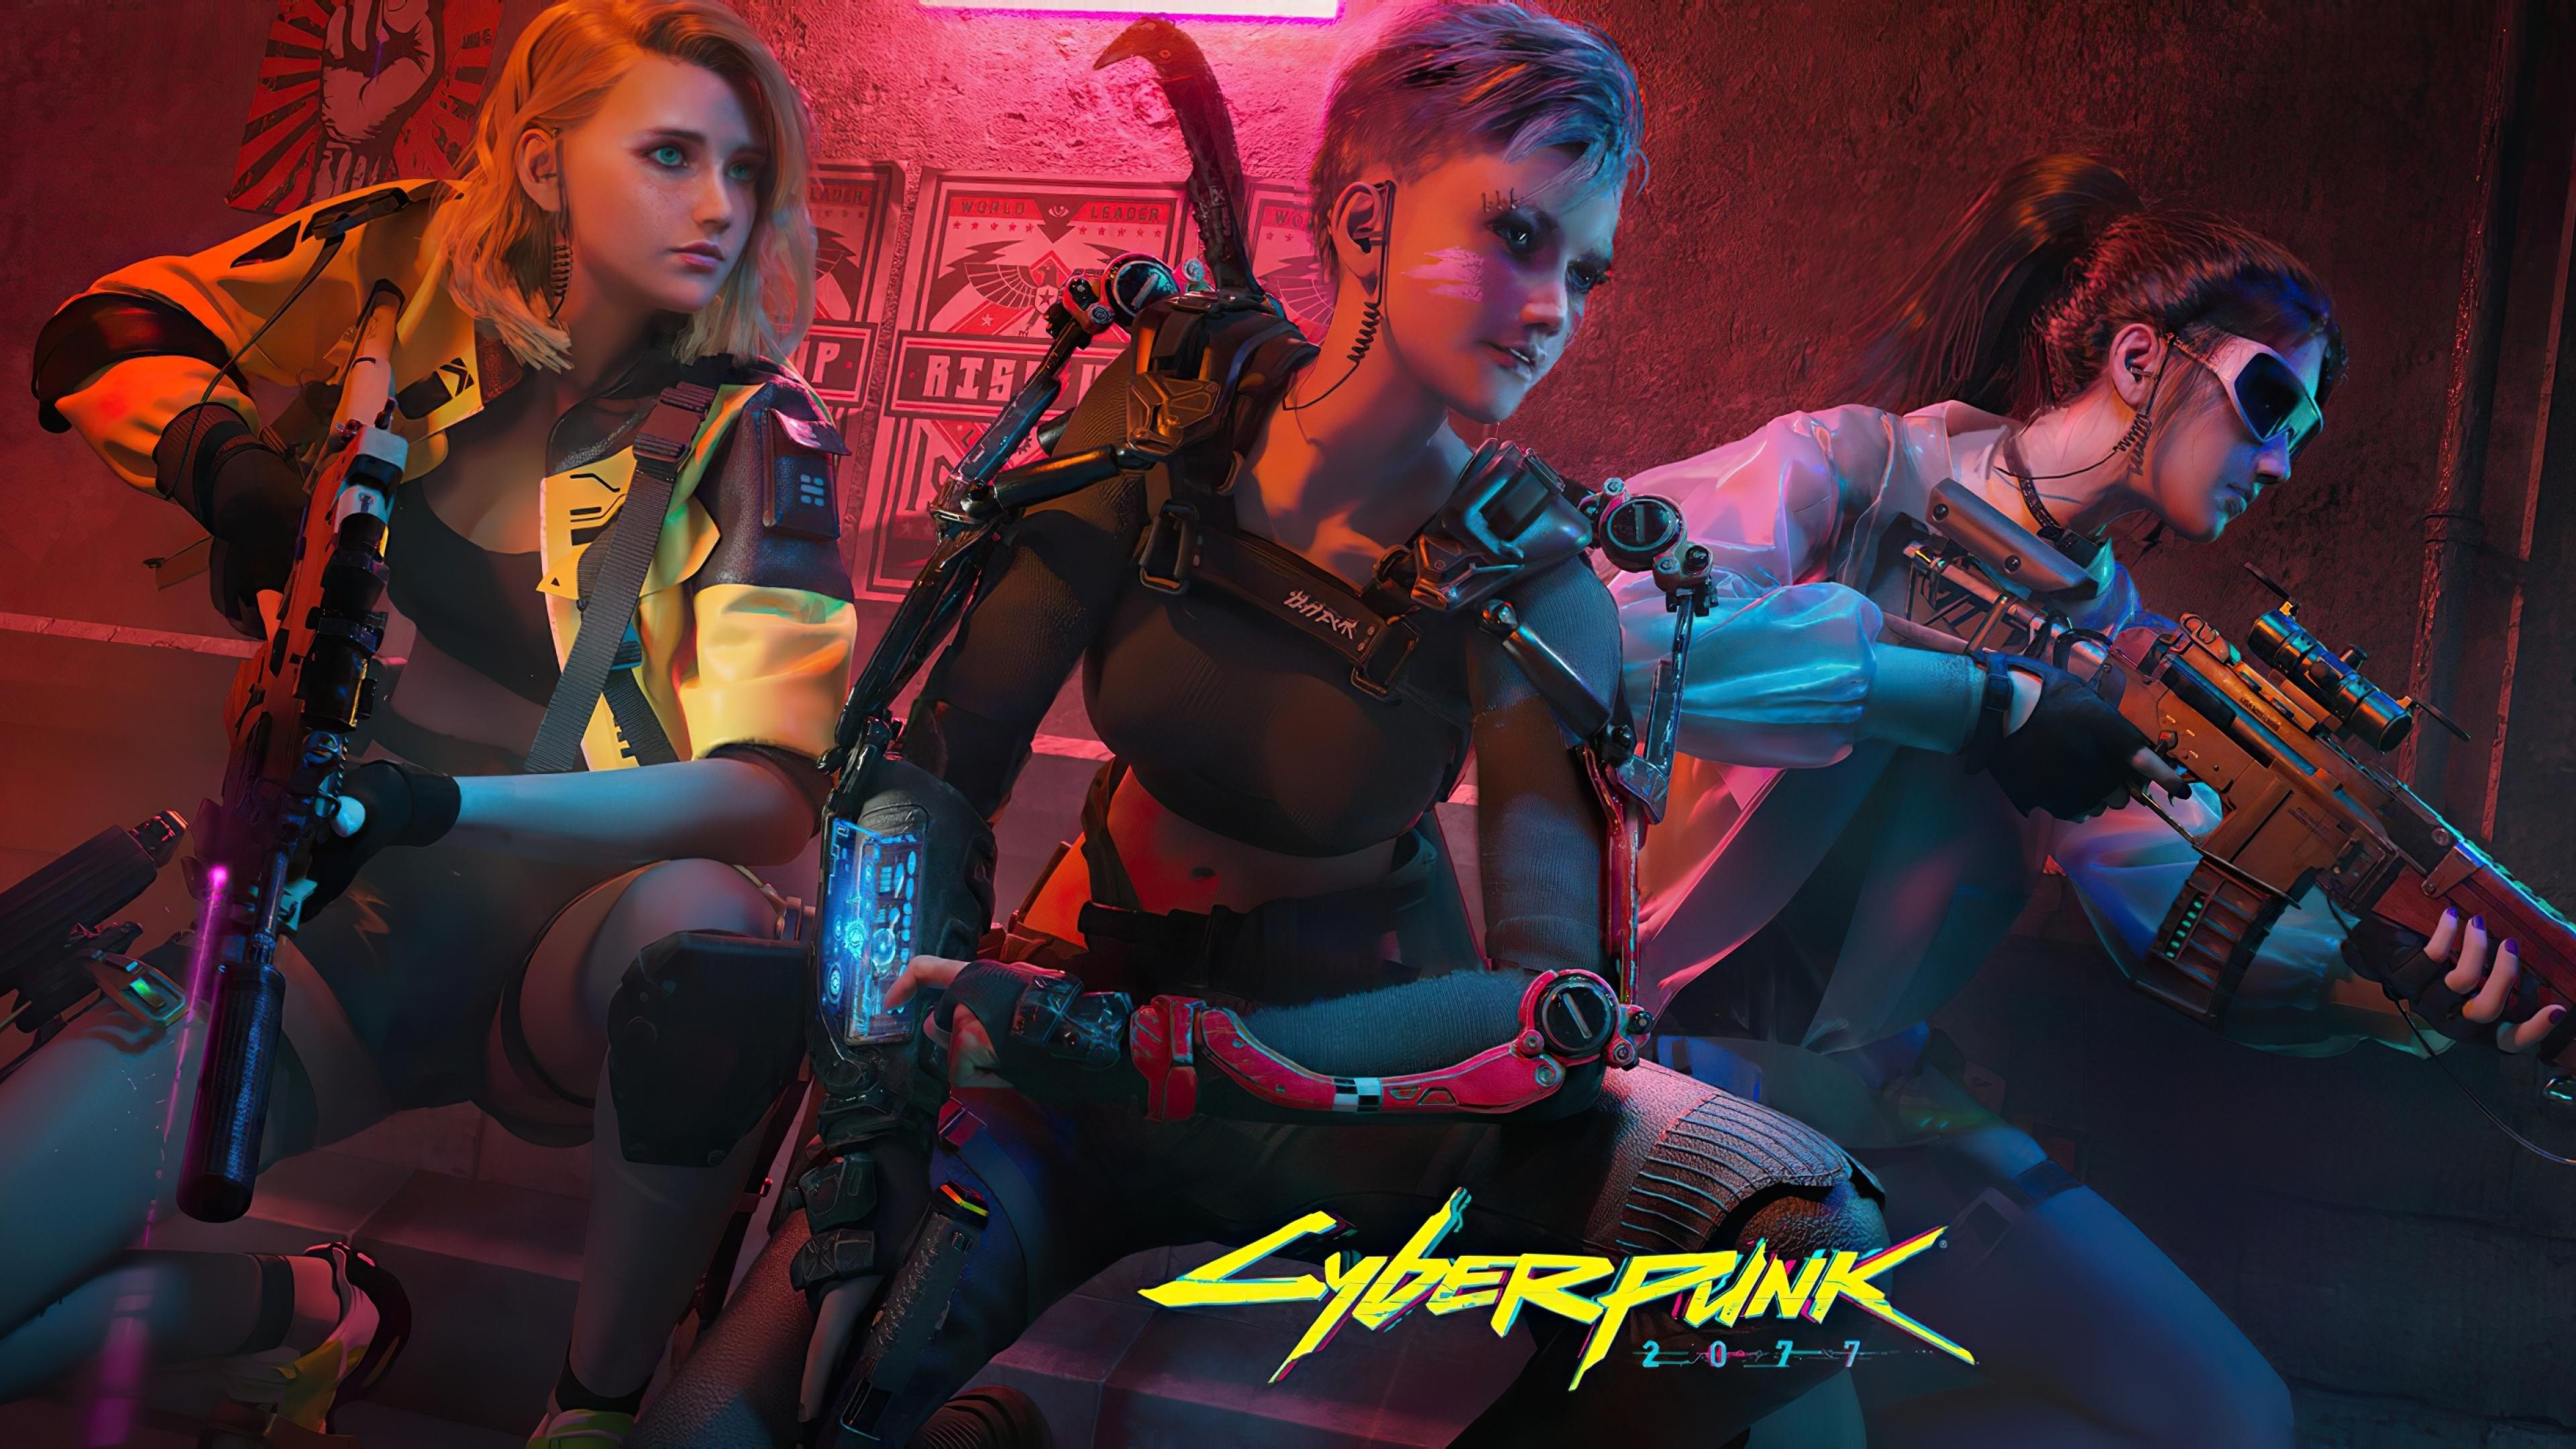 3840x2160 Cyberpunk 2077 Girl Team 4K Wallpaper, HD Games ...